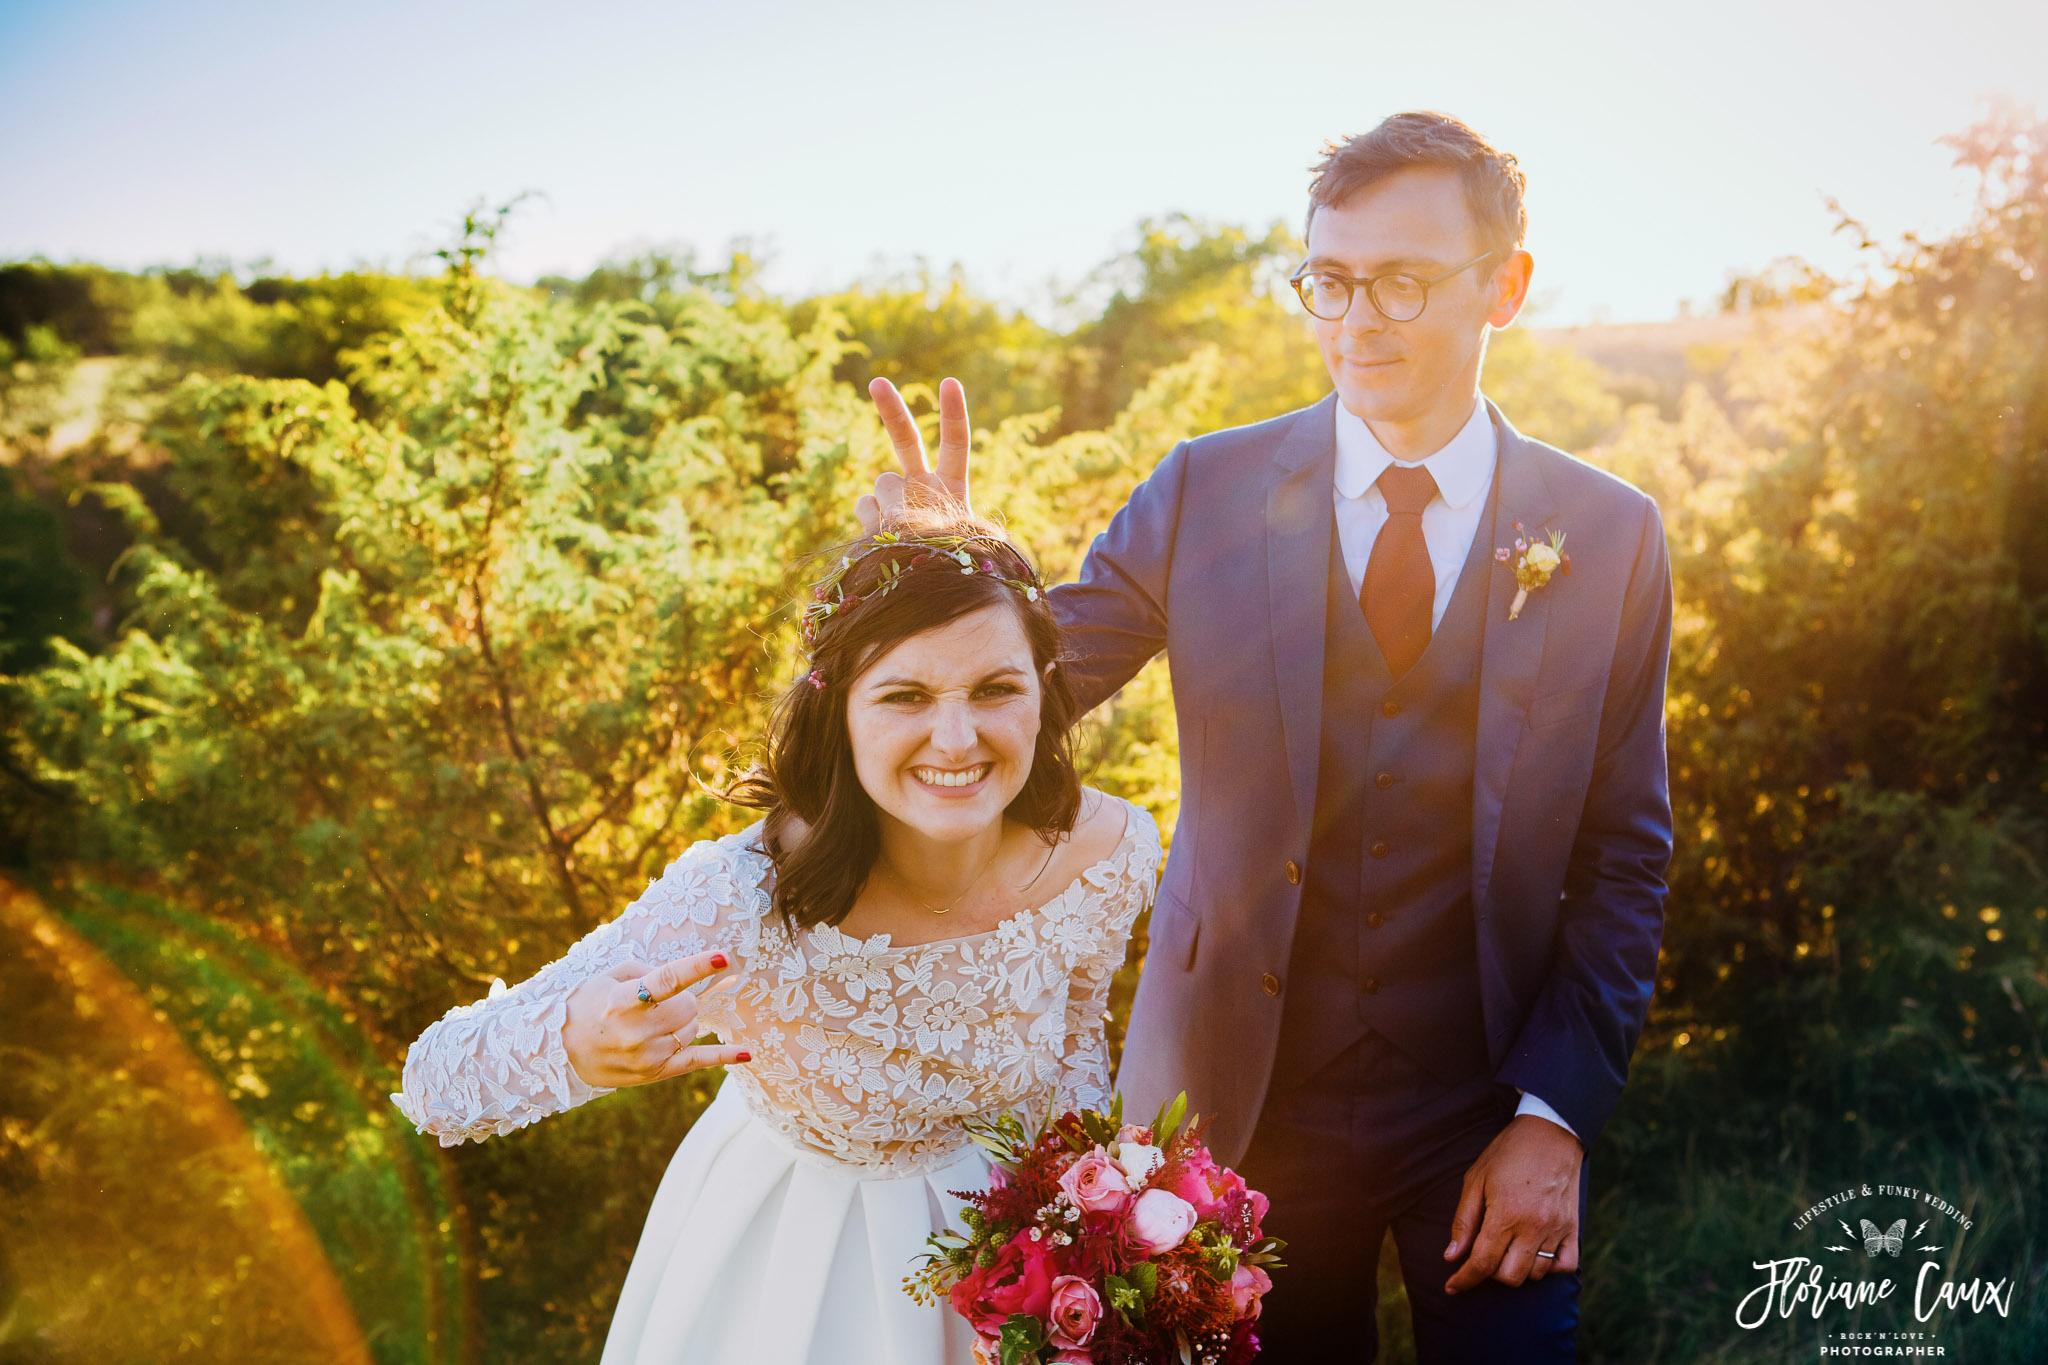 photographe-mariage-funky-licorne-fumigenes-badass-7